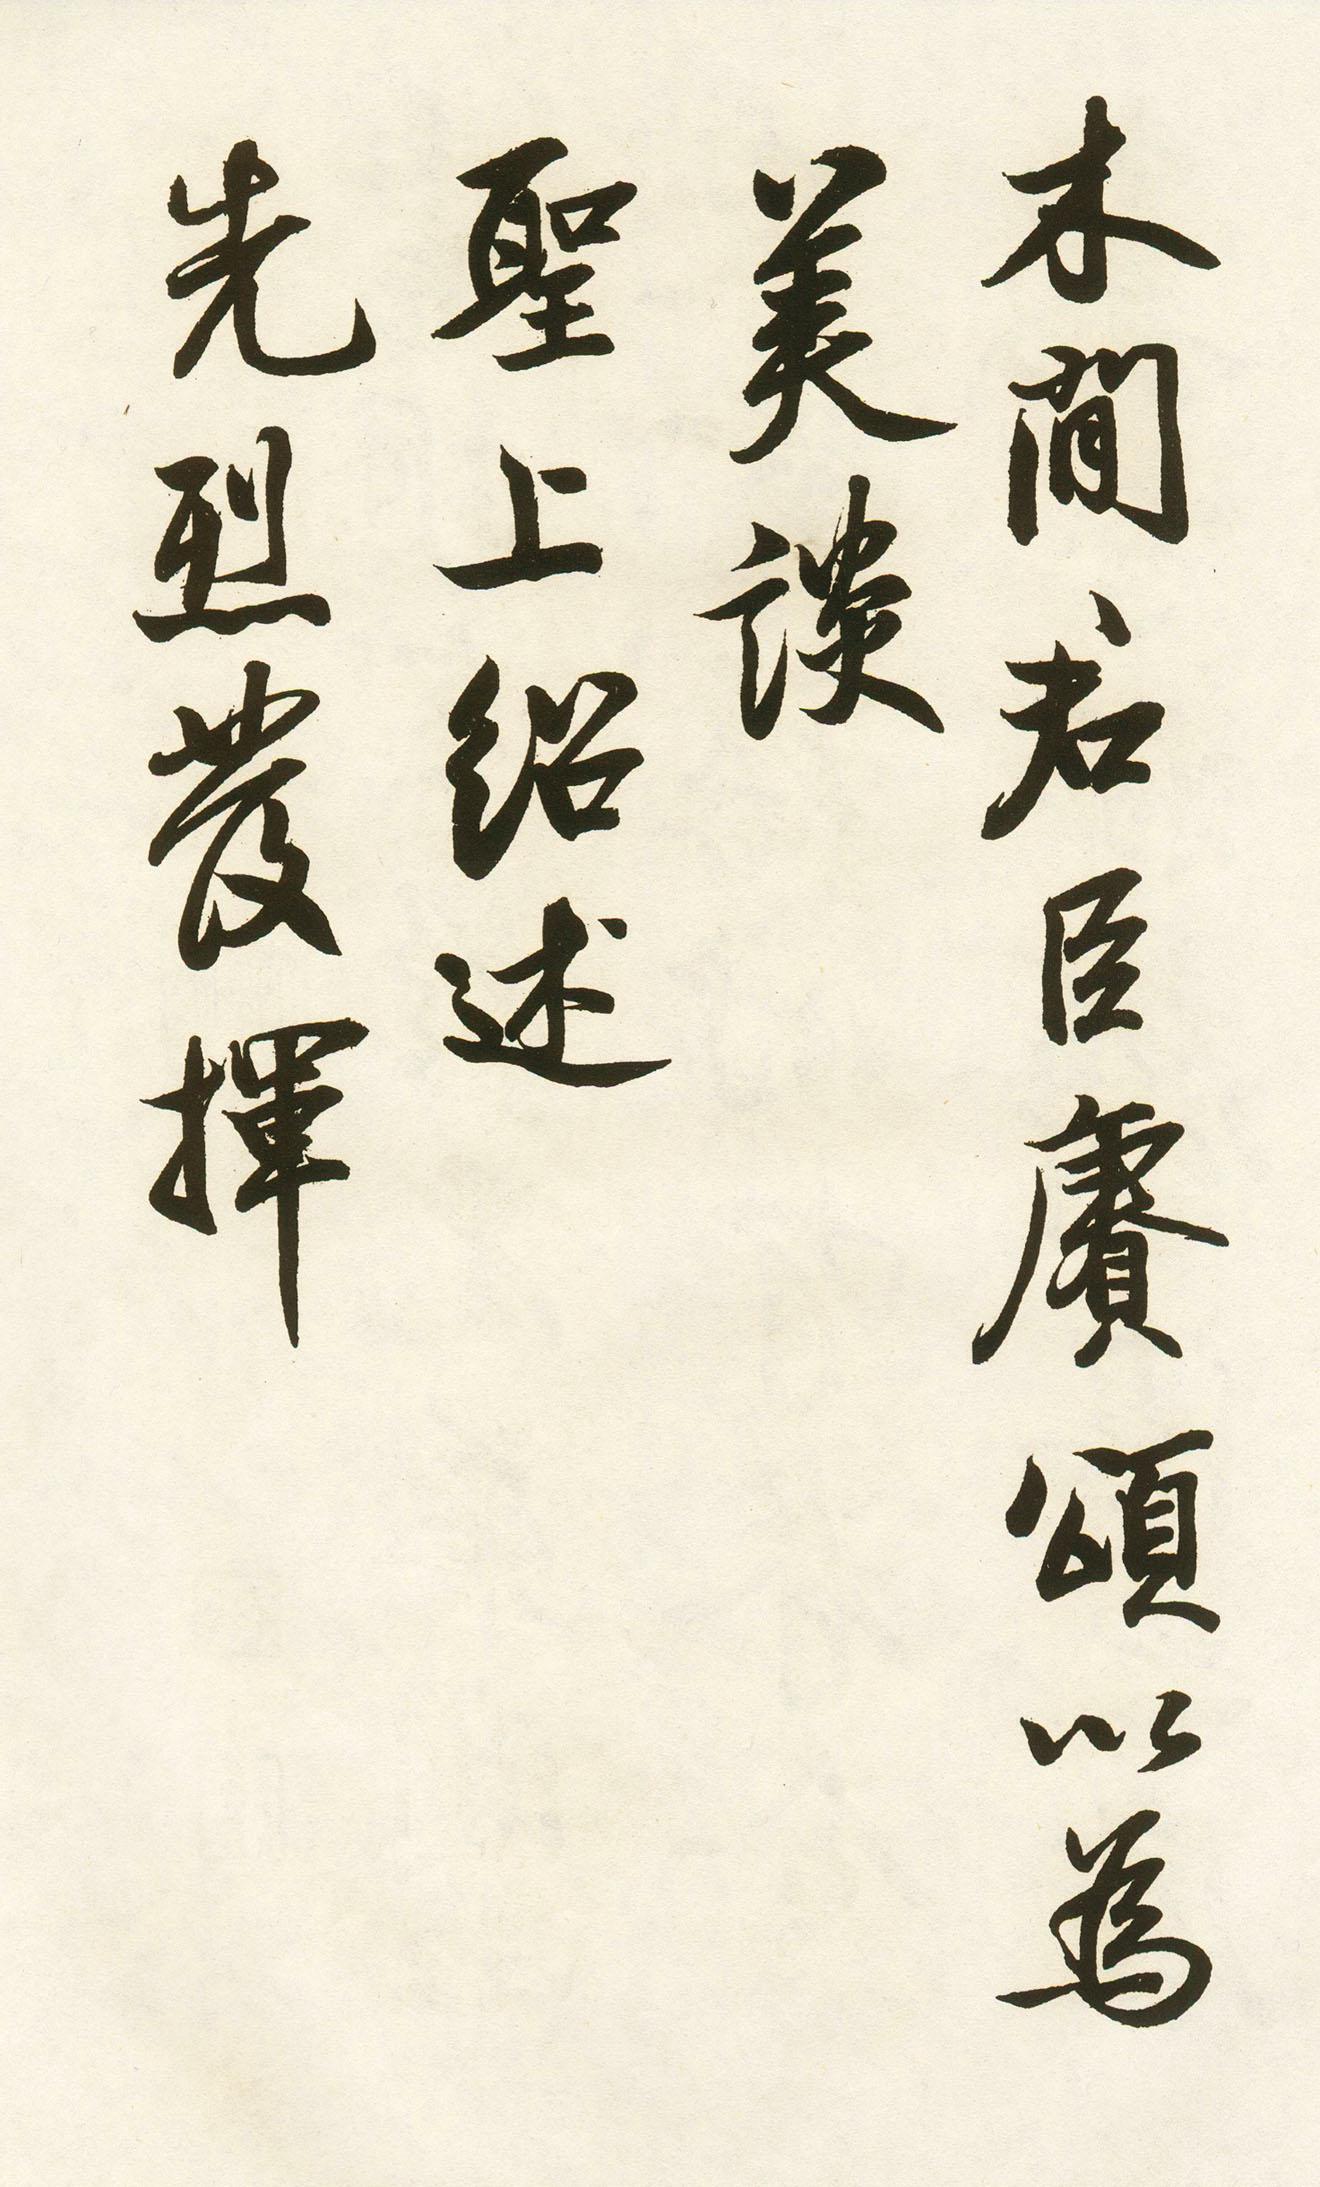 唐玄宗李隆基书法.鹡鸰颂 - 香儿 - xianger